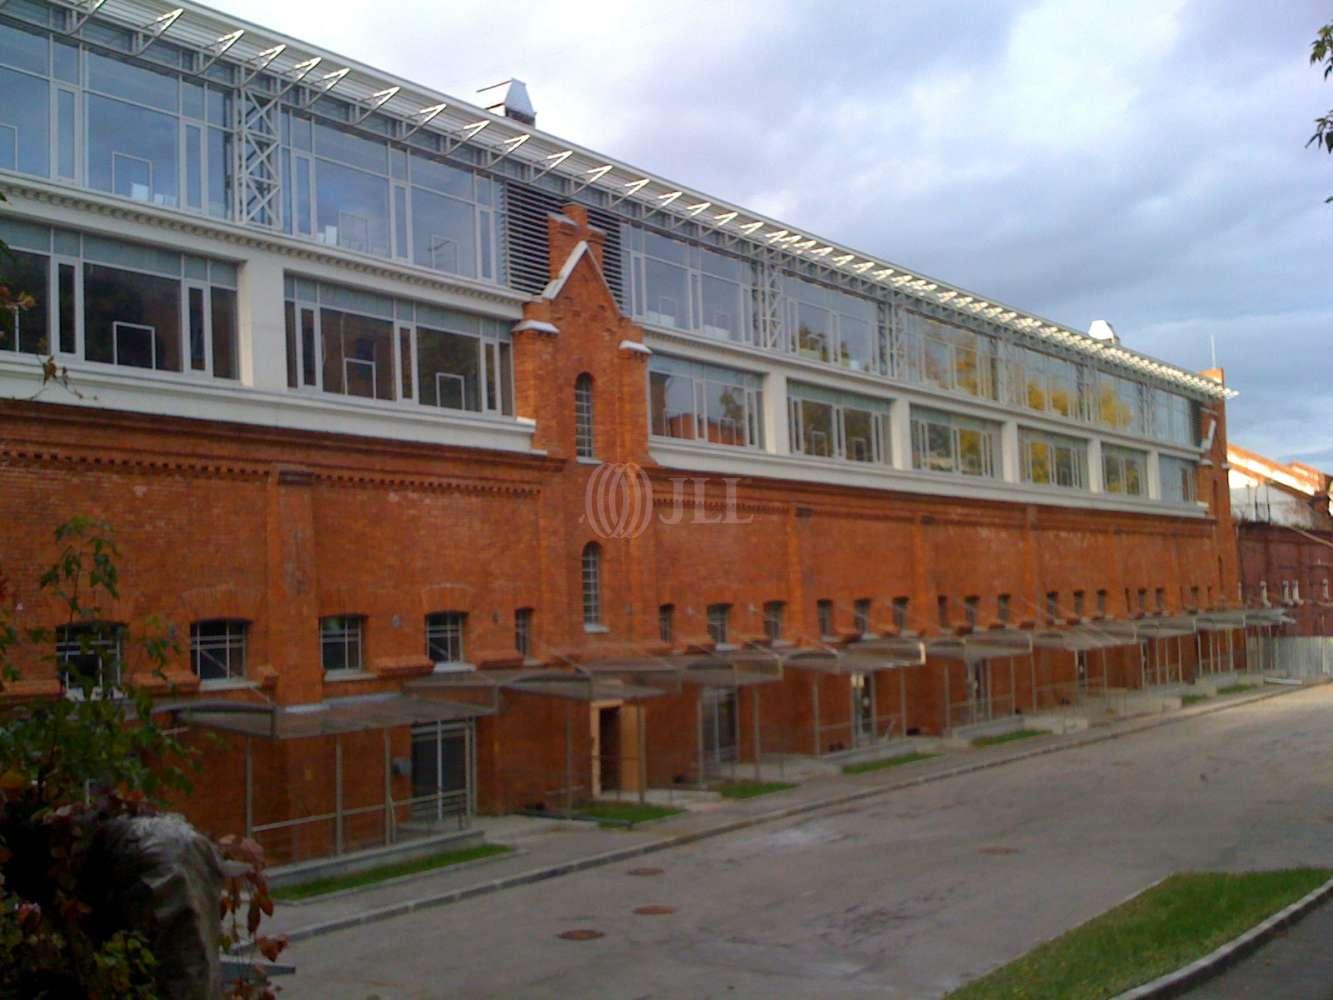 Офисная недвижимость Москва - ПЛАТФОРМА (Фаза II)